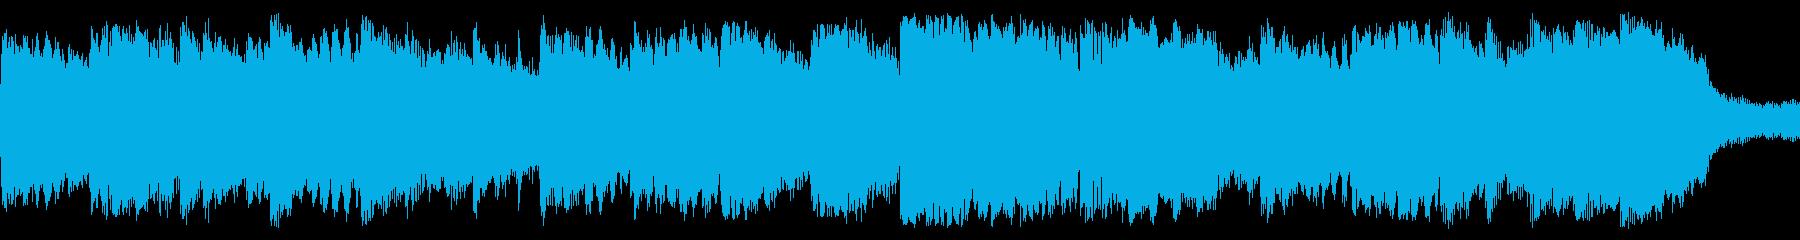 【ループBGM】癒しのミニオーケストラの再生済みの波形